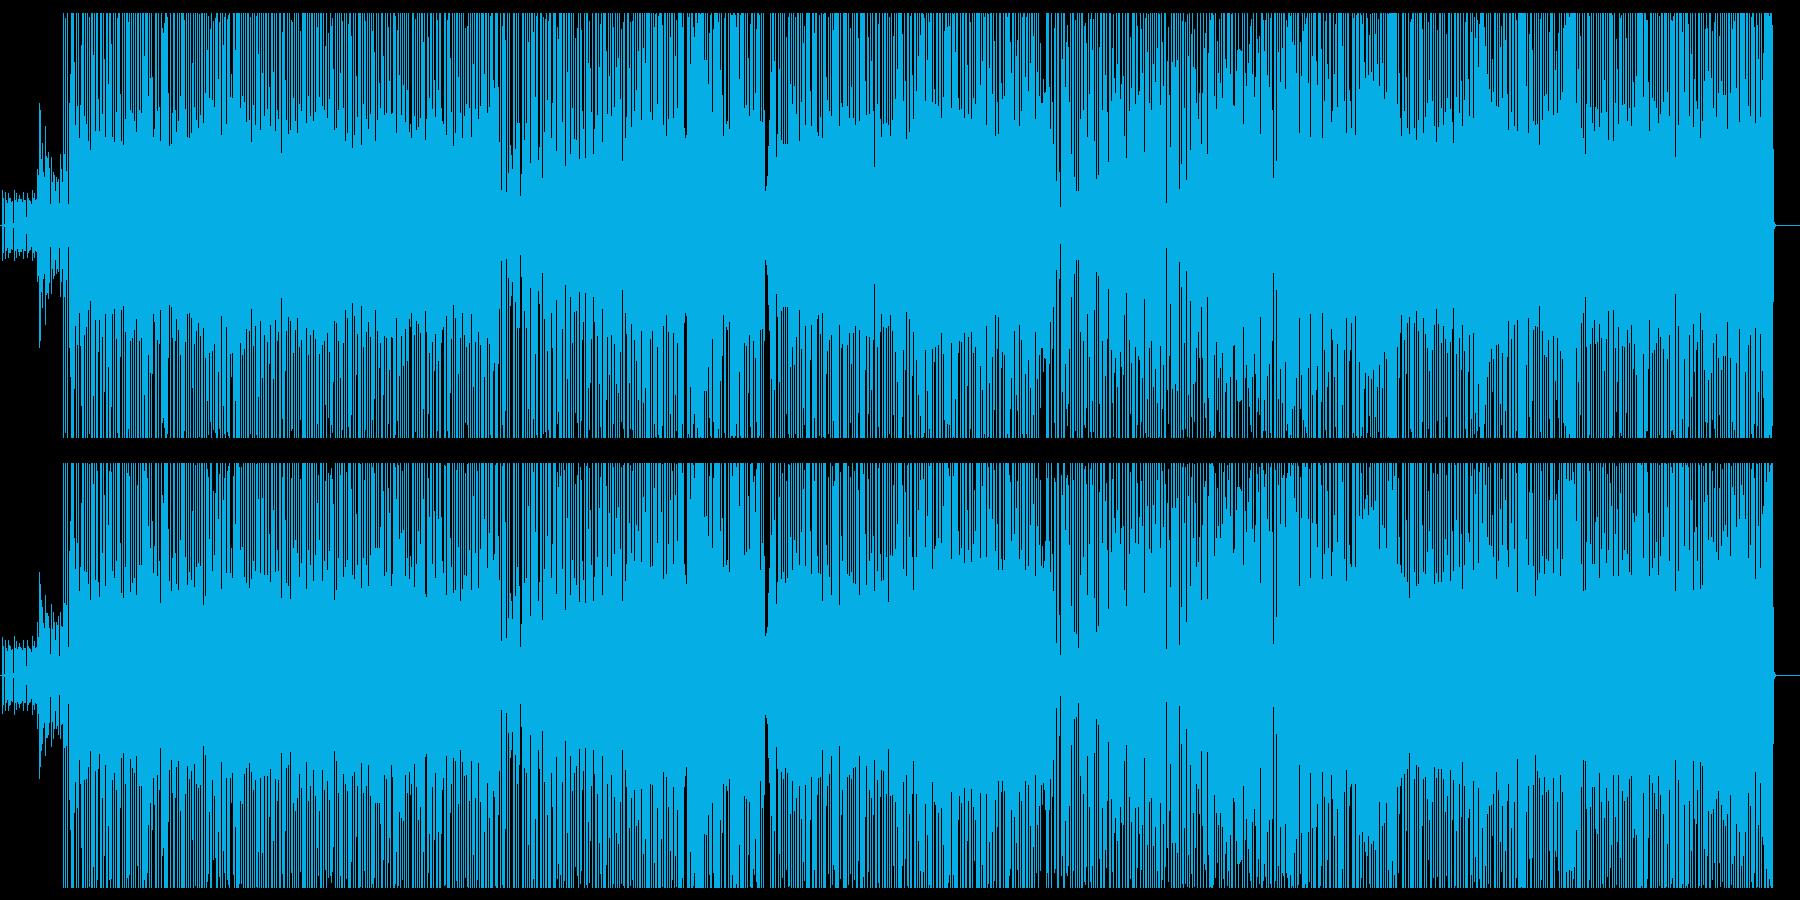 ナンパ男がテーマのファンキーなナンバーの再生済みの波形